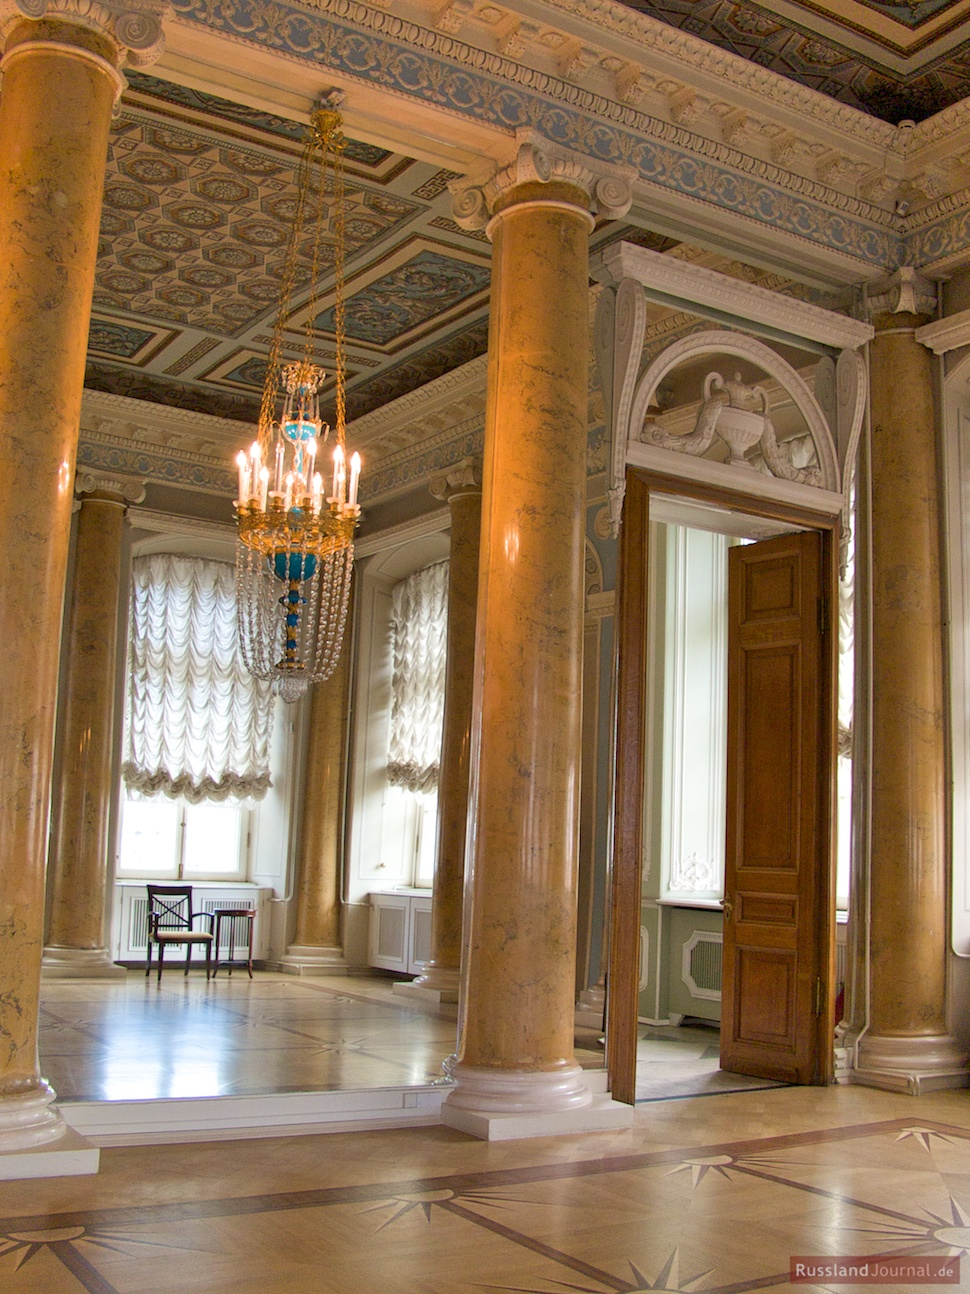 Der Spiegel lässt die Kronleuchter und Säulen rund erscheinen